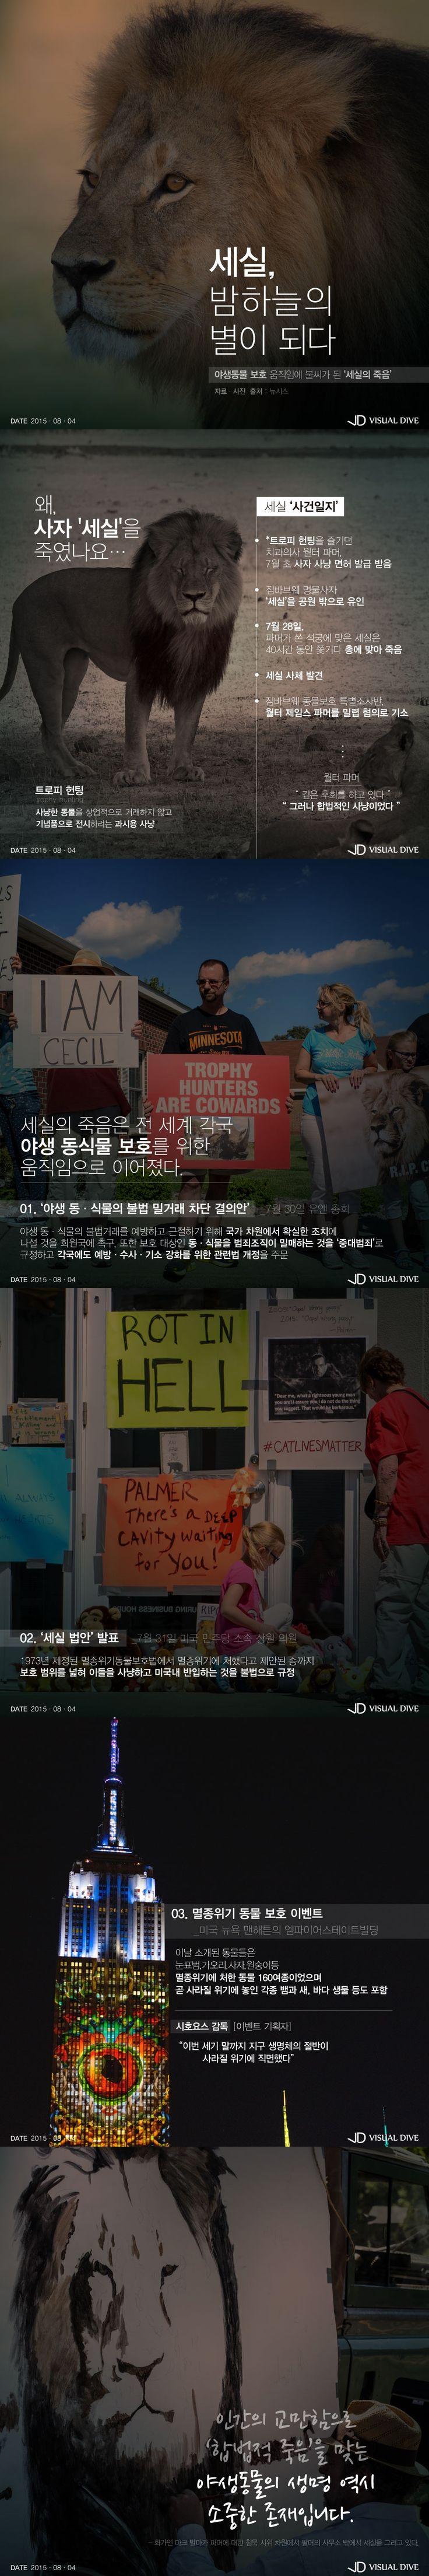 세실의 죽음…야생동물보호 운동의 불씨가 되다 [카드뉴스] #Animal / #Infographic ⓒ 비주얼다이브 무단 복사·전재·재배포 금지